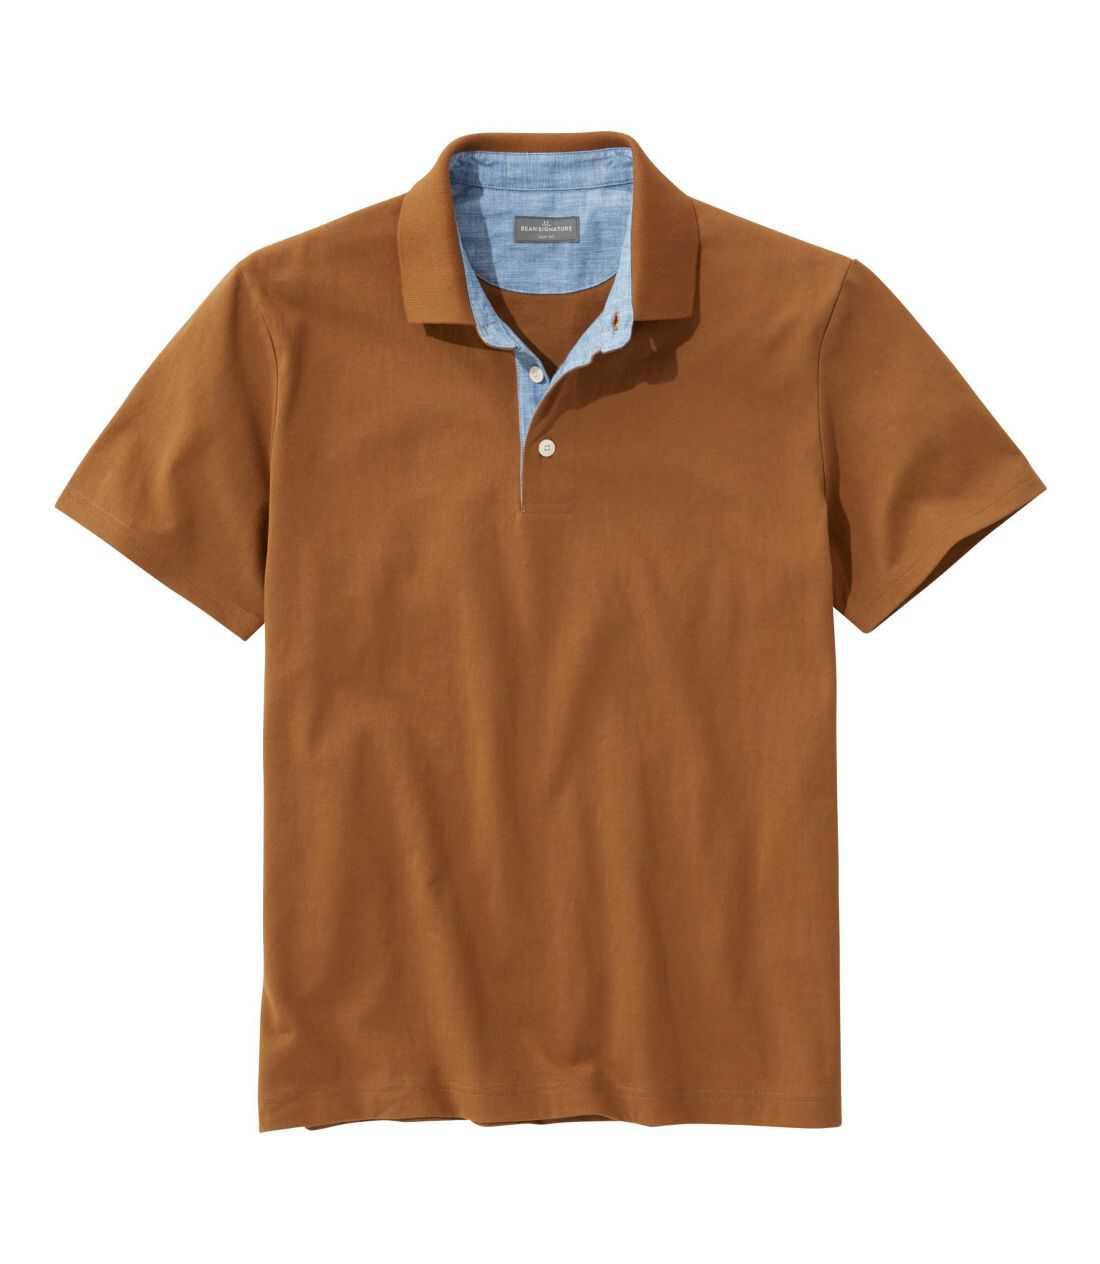 シグネチャー・ポロシャツ、半袖